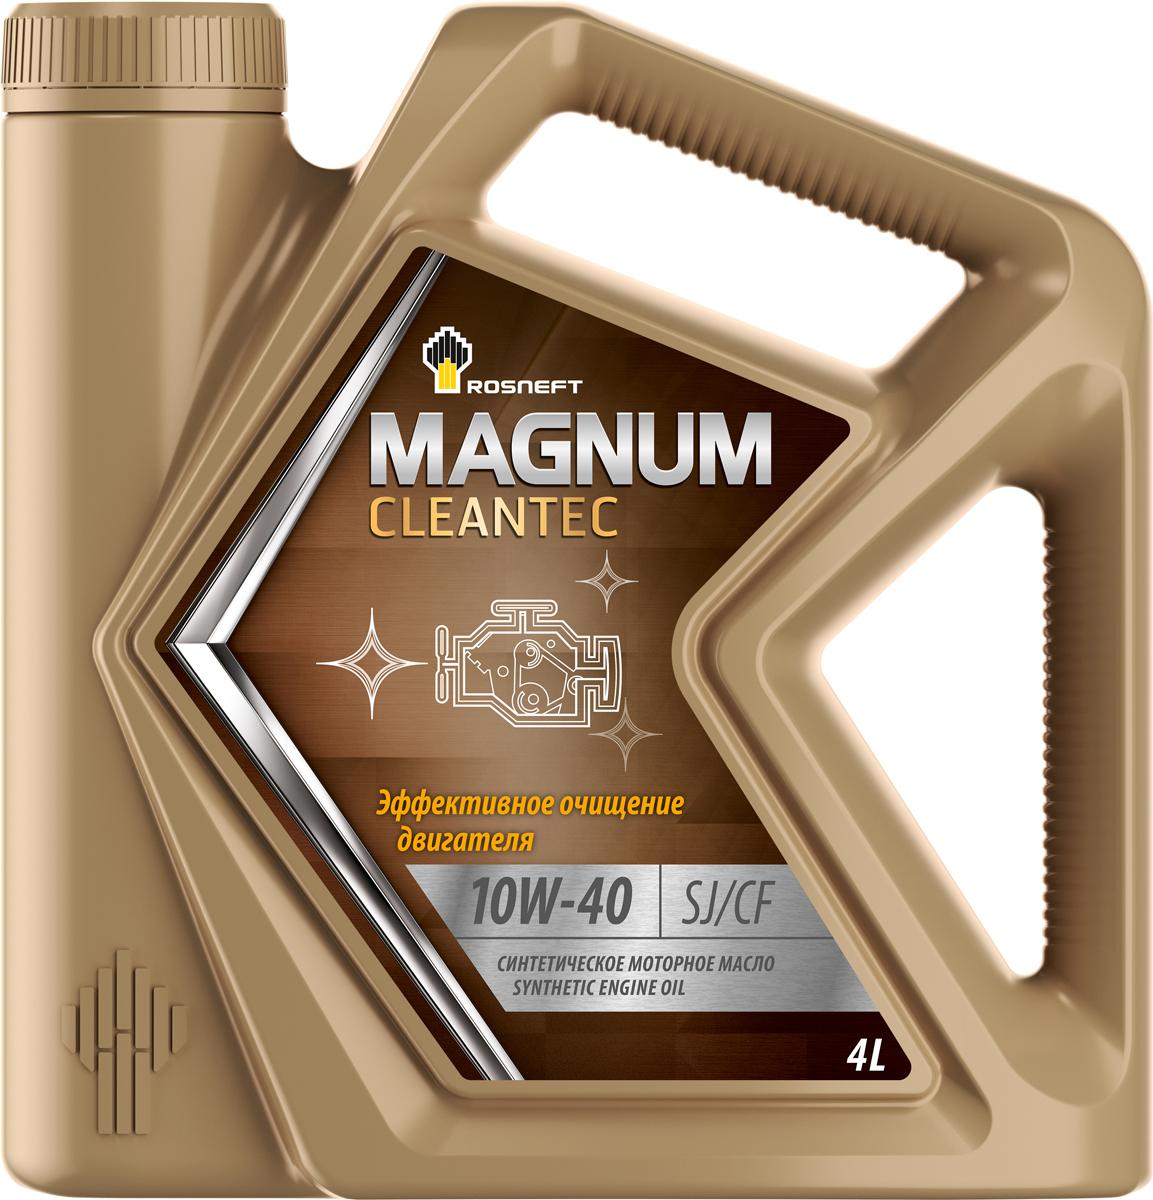 Масло моторное Роснефть Magnum Cleantec, синтетическое, 10W-40, 4 л моторное масло роснефть 4 л 40814942